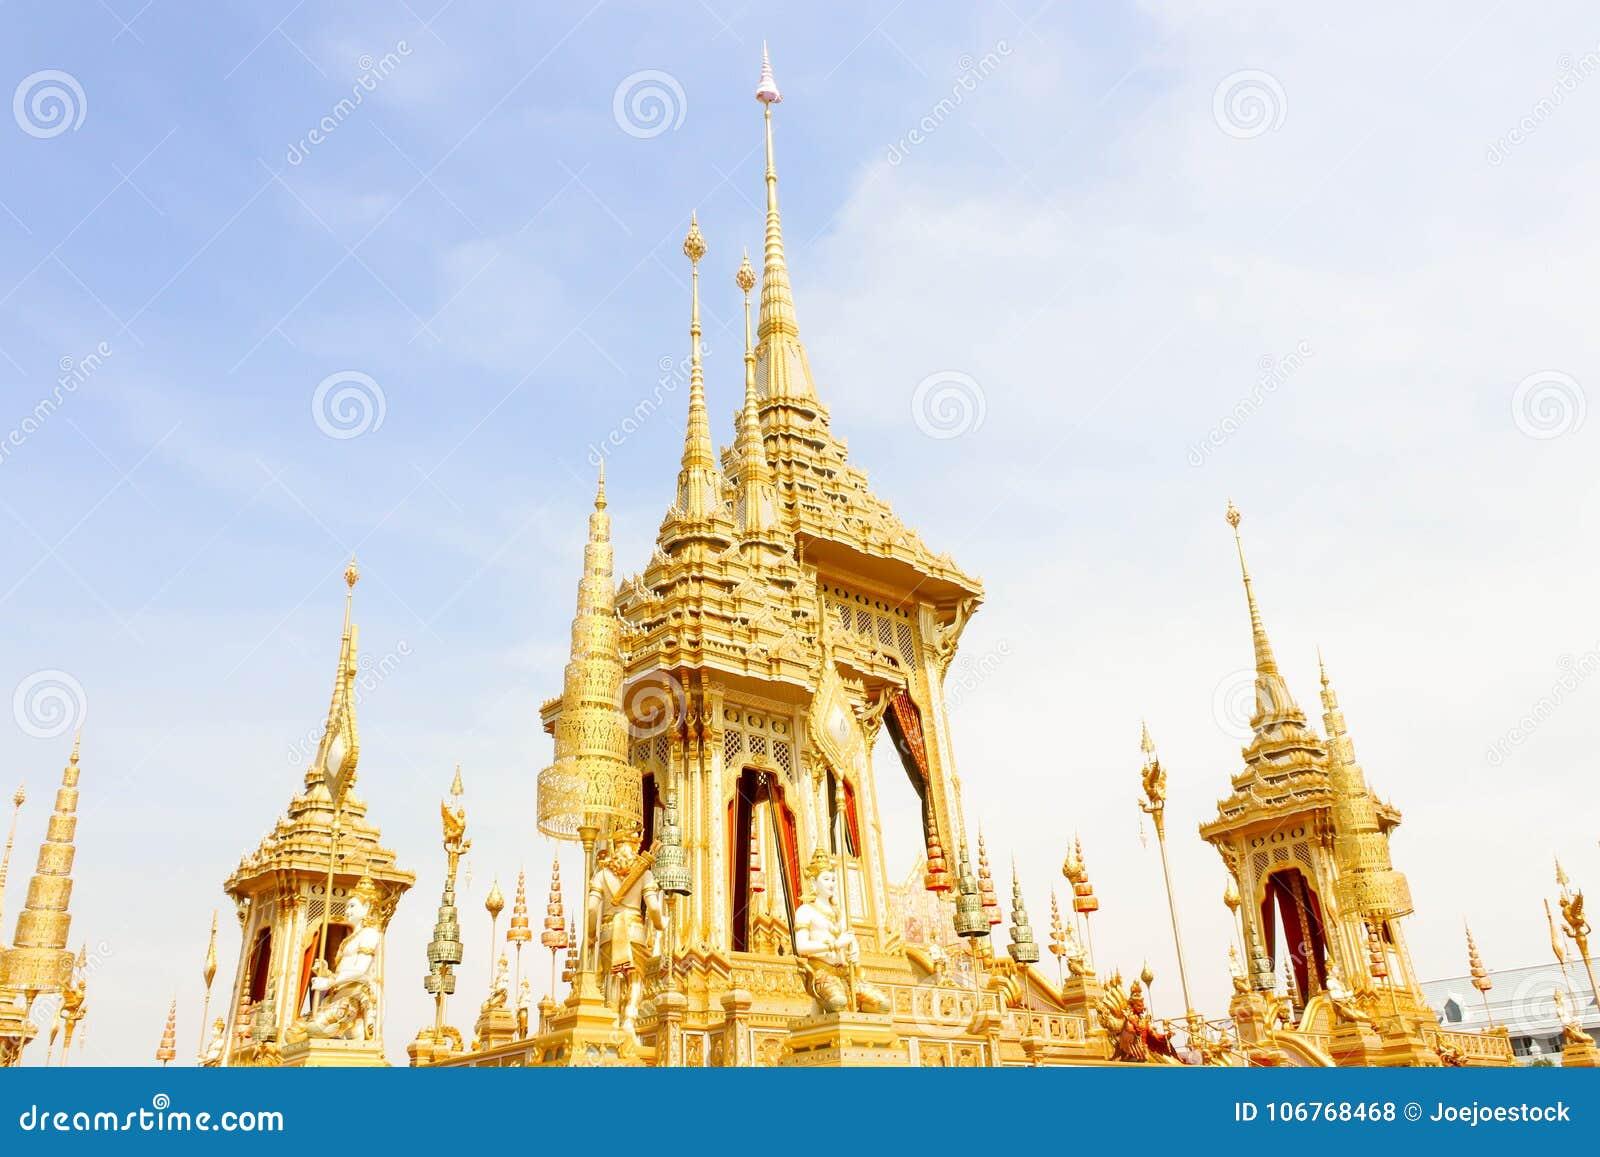 Ouro do crematório real da vista para o HM o rei atrasado Bhumibol Adulyadej o 4 de novembro